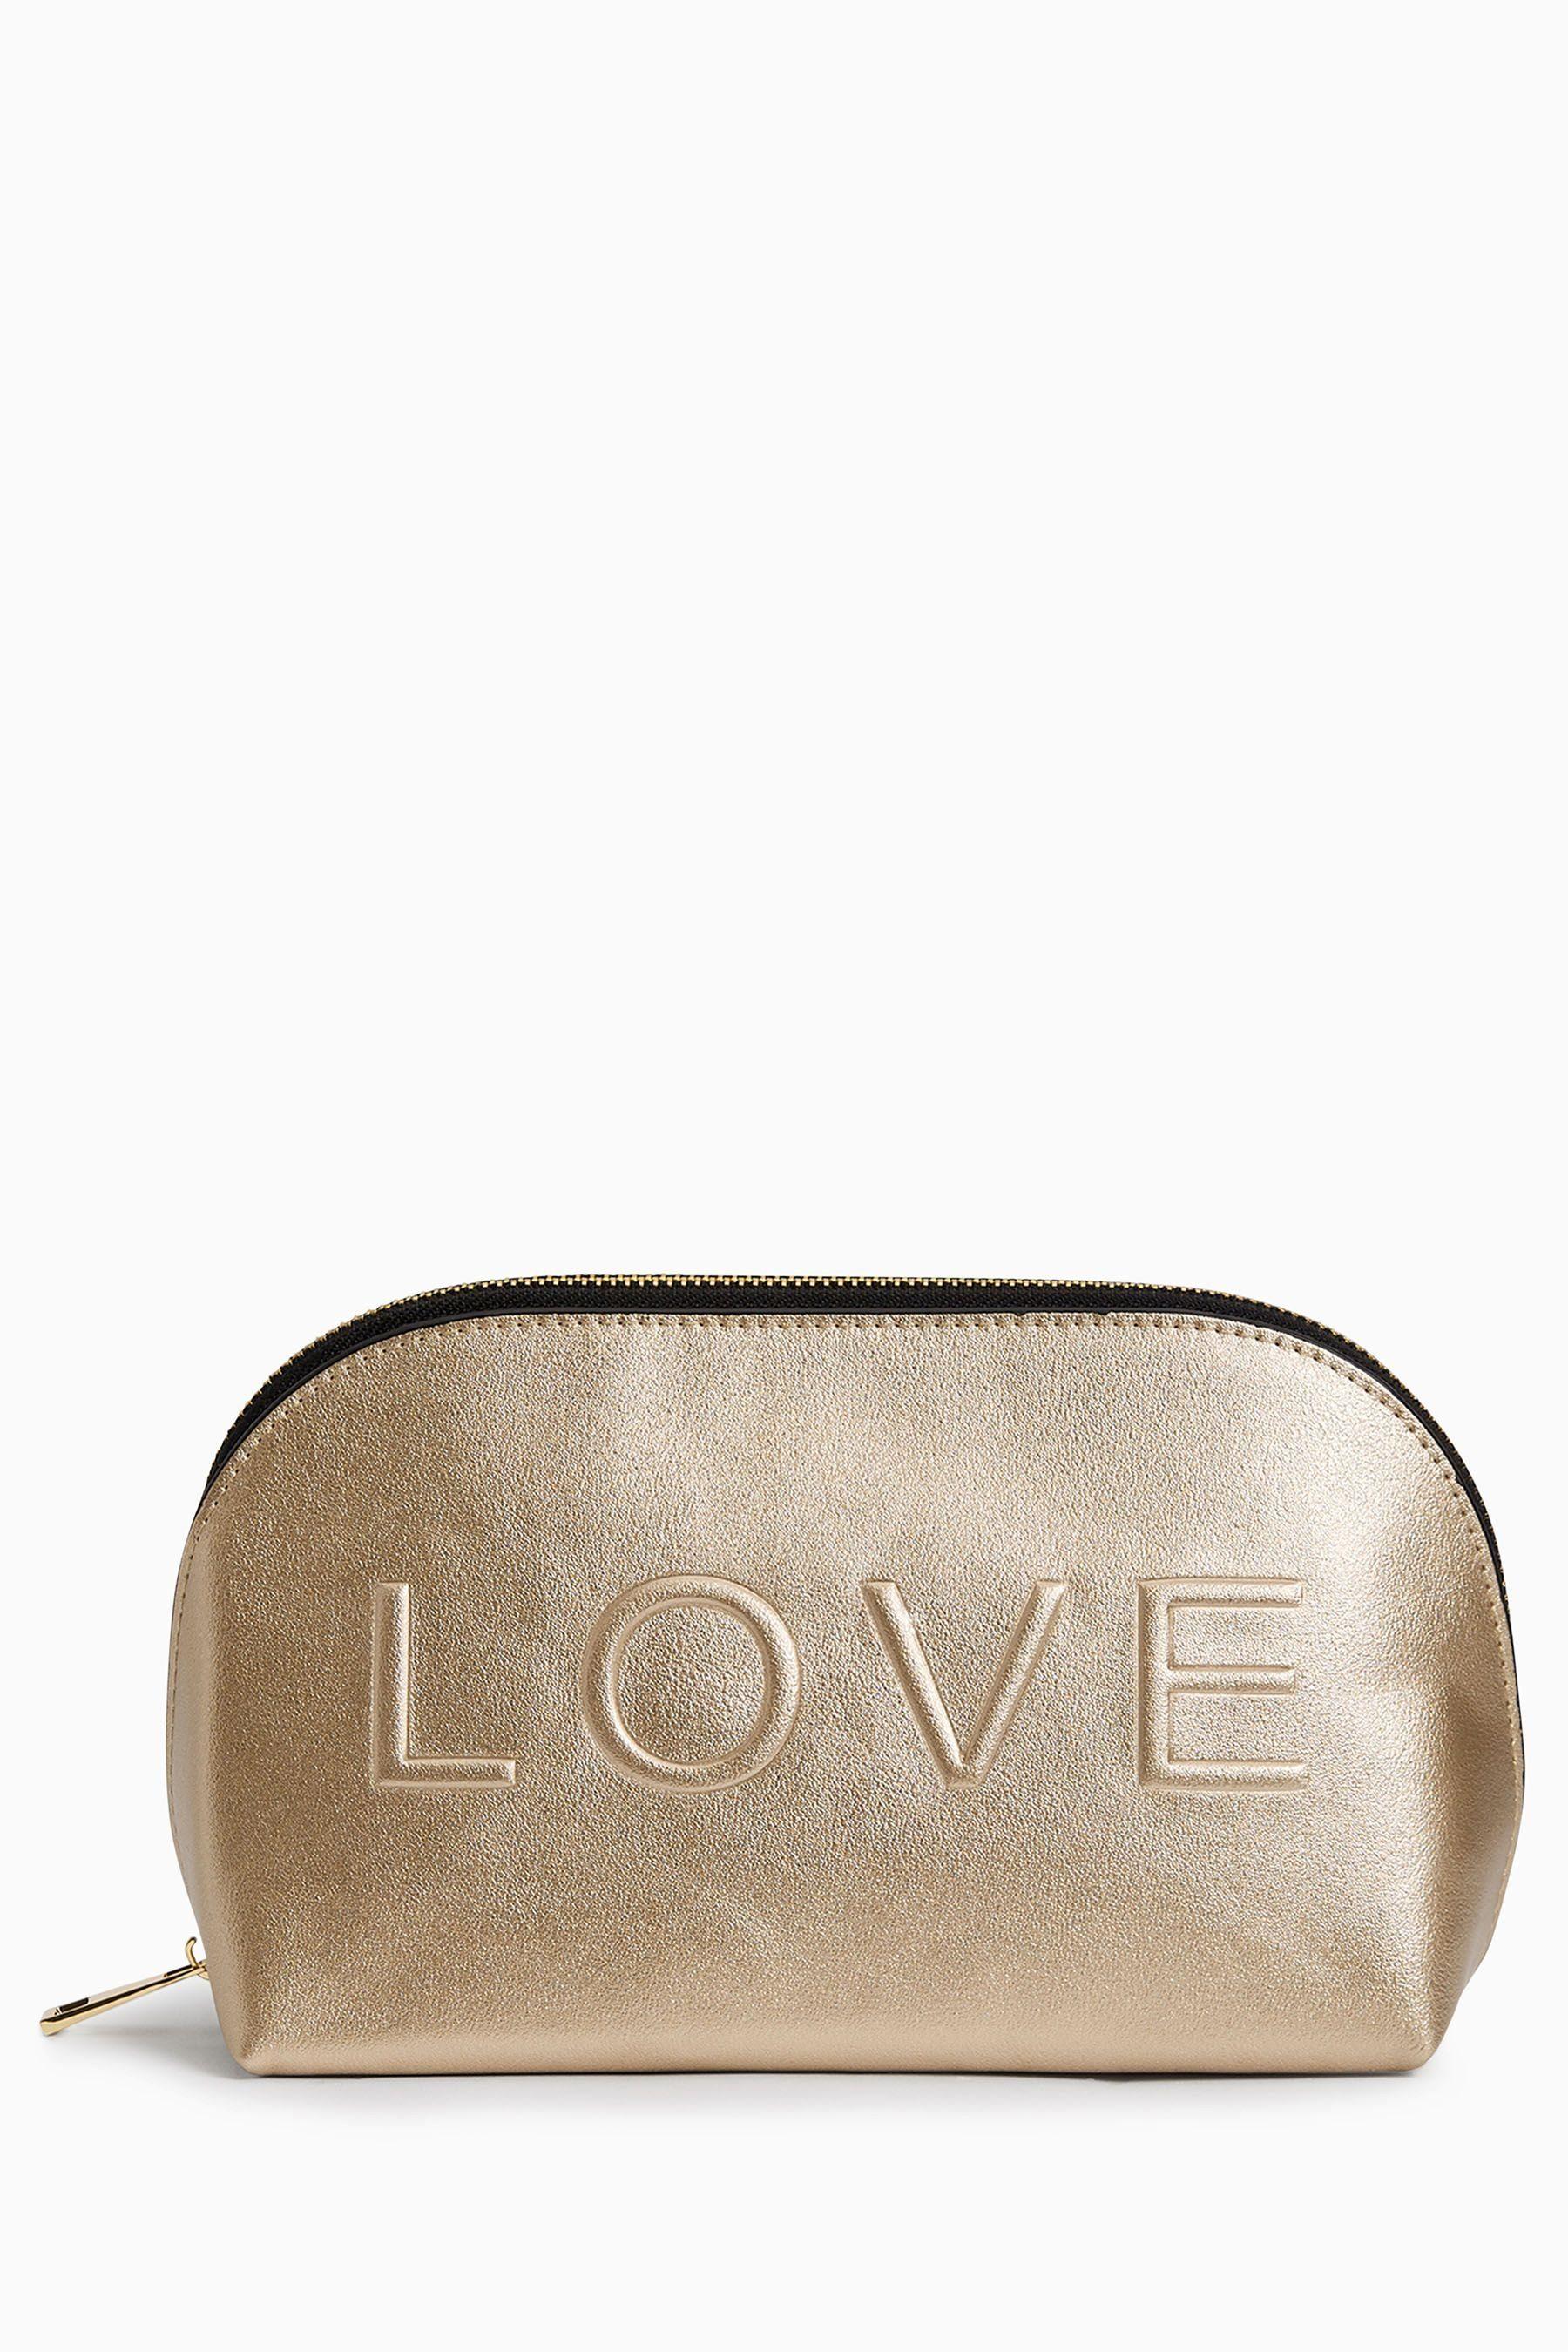 Next Love Kosmetiktasche